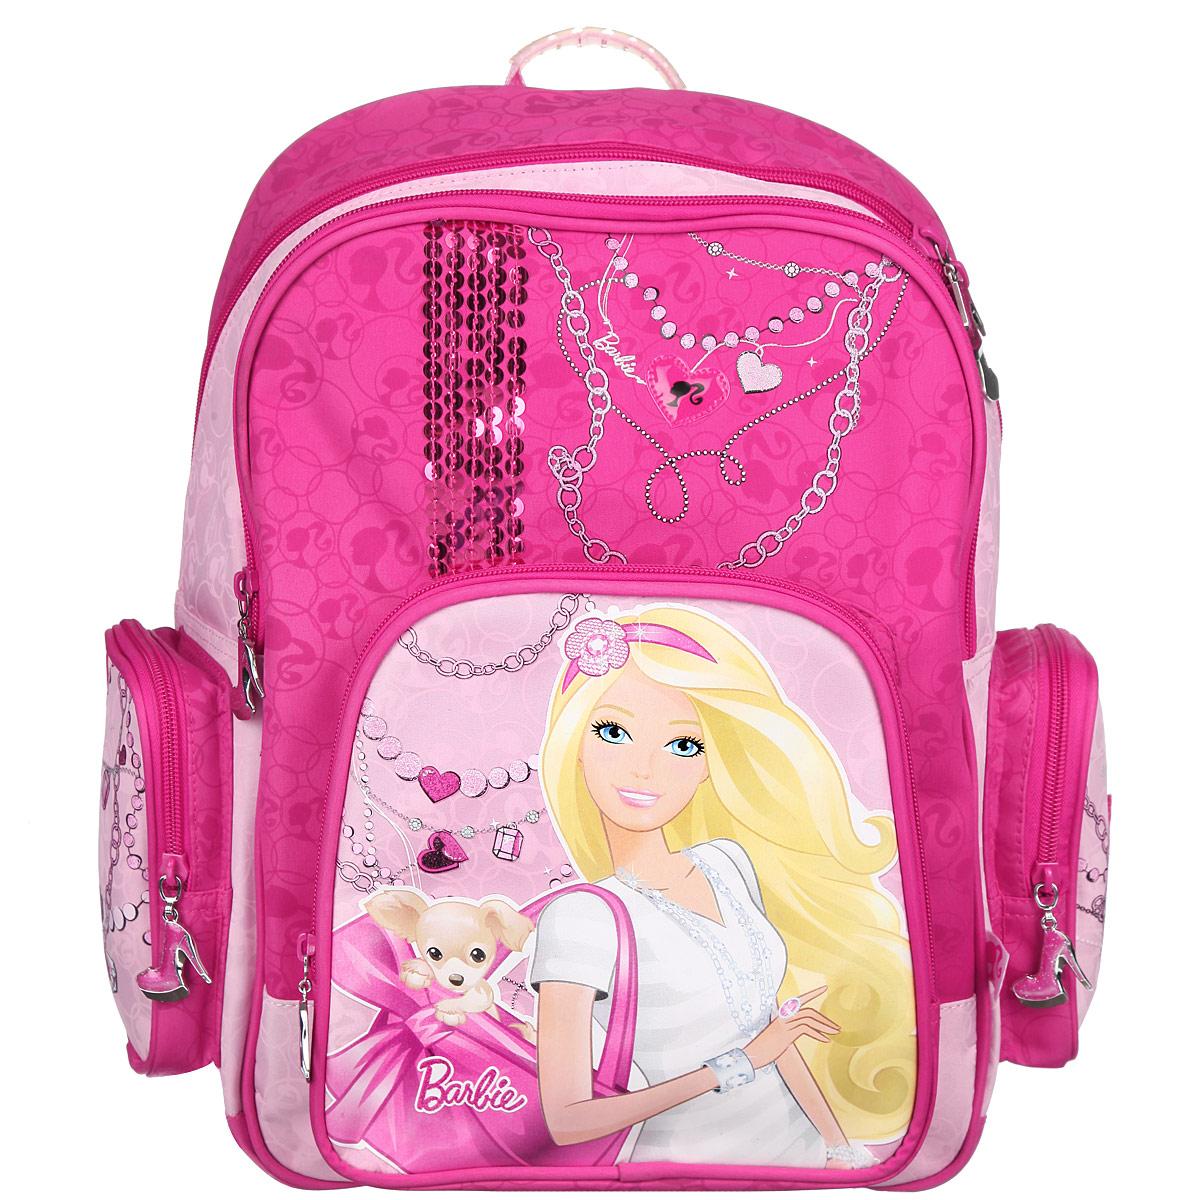 Рюкзак школьный Barbie, цвет: малиновый, светло-розовый. BRDLR-12T-9621BRDLR-12T-9621Школьный рюкзак Barbie привлечет внимание вашей школьницы. Выполнен из прочного, износостойкого материала и оформлен изображением куклы Барби.  Содержит два вместительных отделения, закрывающиеся на застежки-молнии. В большом отделении находятся две перегородки для тетрадей или учебников. Дно рюкзака можно сделать жестким, разложив специальную панель с пластиковой вставкой, что повышает сохранность содержимого рюкзака и способствует правильному распределению нагрузки. В другом отделении имеется открытый карман-сетка. Лицевая сторона оснащена накладным карманом на молнии. По бокам расположены два накладных кармана также на молнии. Спинка рюкзака выполнена с использованием высокотехнологичного упругого материала и специально расположенных эргономических элементов с воздухообменной сеткой, служащих для правильного и безопасного распределения нагрузки на спину ребенка. Лямки рюкзака специальной S-образной формы с поролоном и воздухообменной сеткой регулируются по длине. Данные...